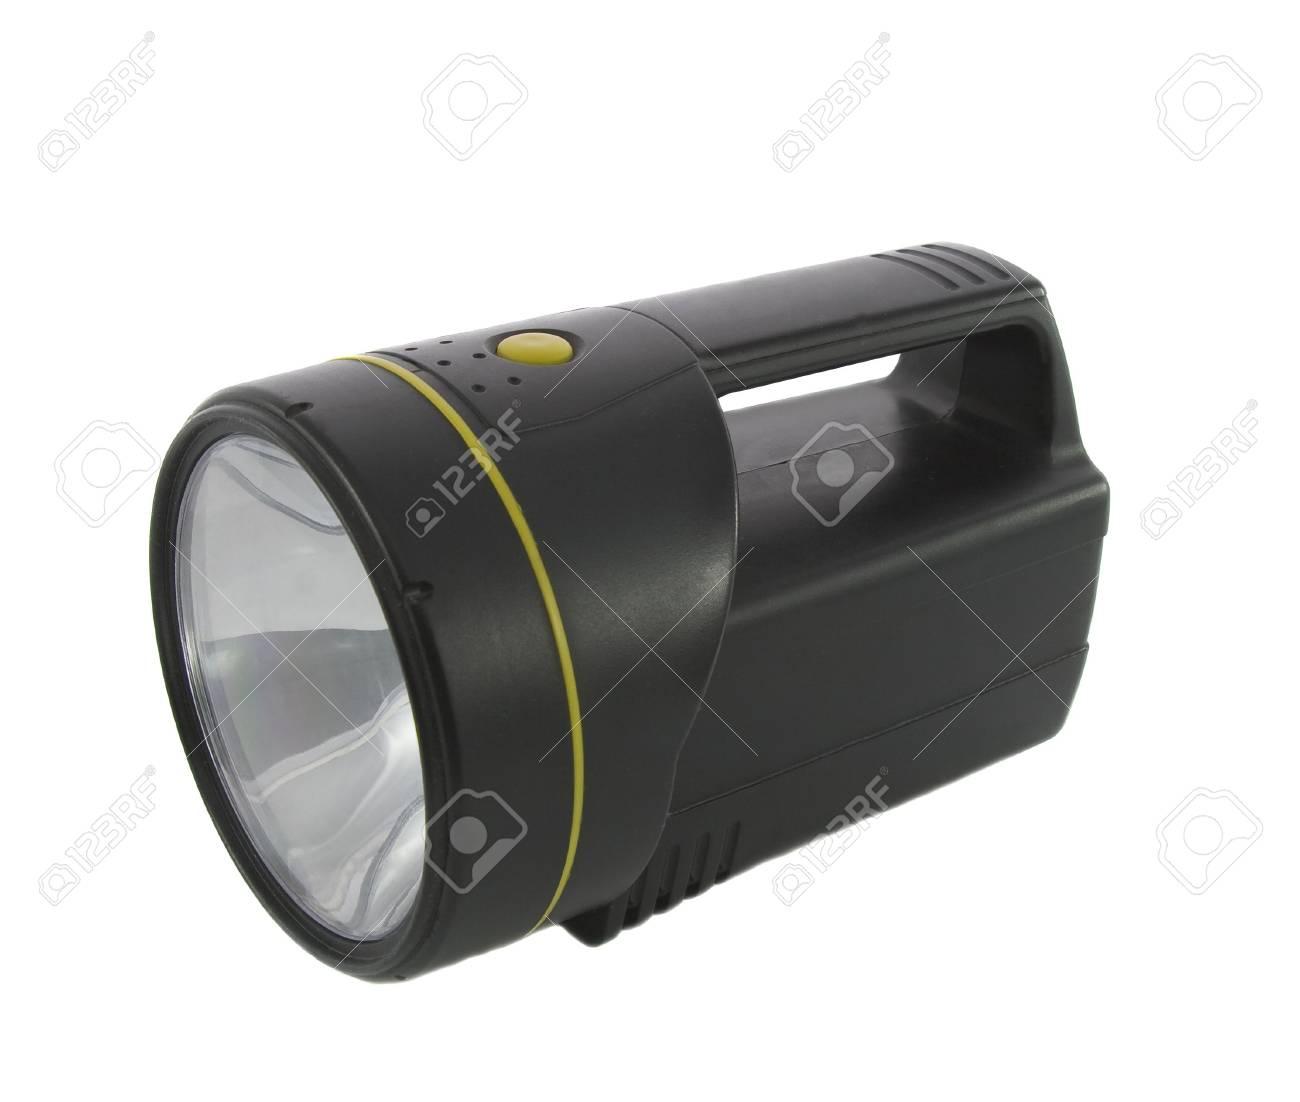 Black flashlight isolated on the white background Stock Photo - 4422016